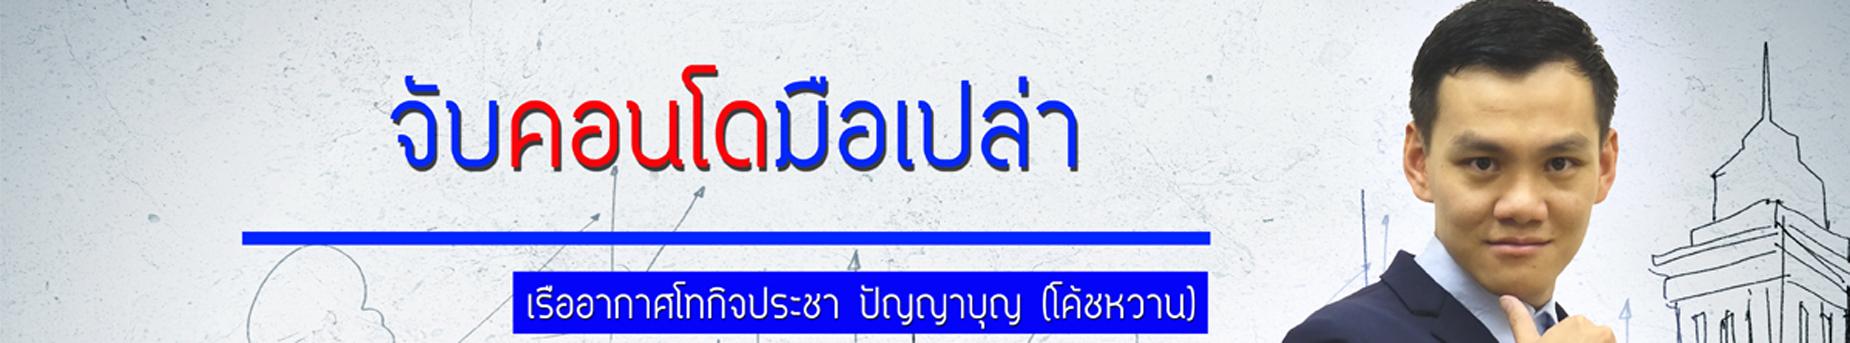 กิจประชา ปัญญาบุญ (โค้ชหวาน) cover photo